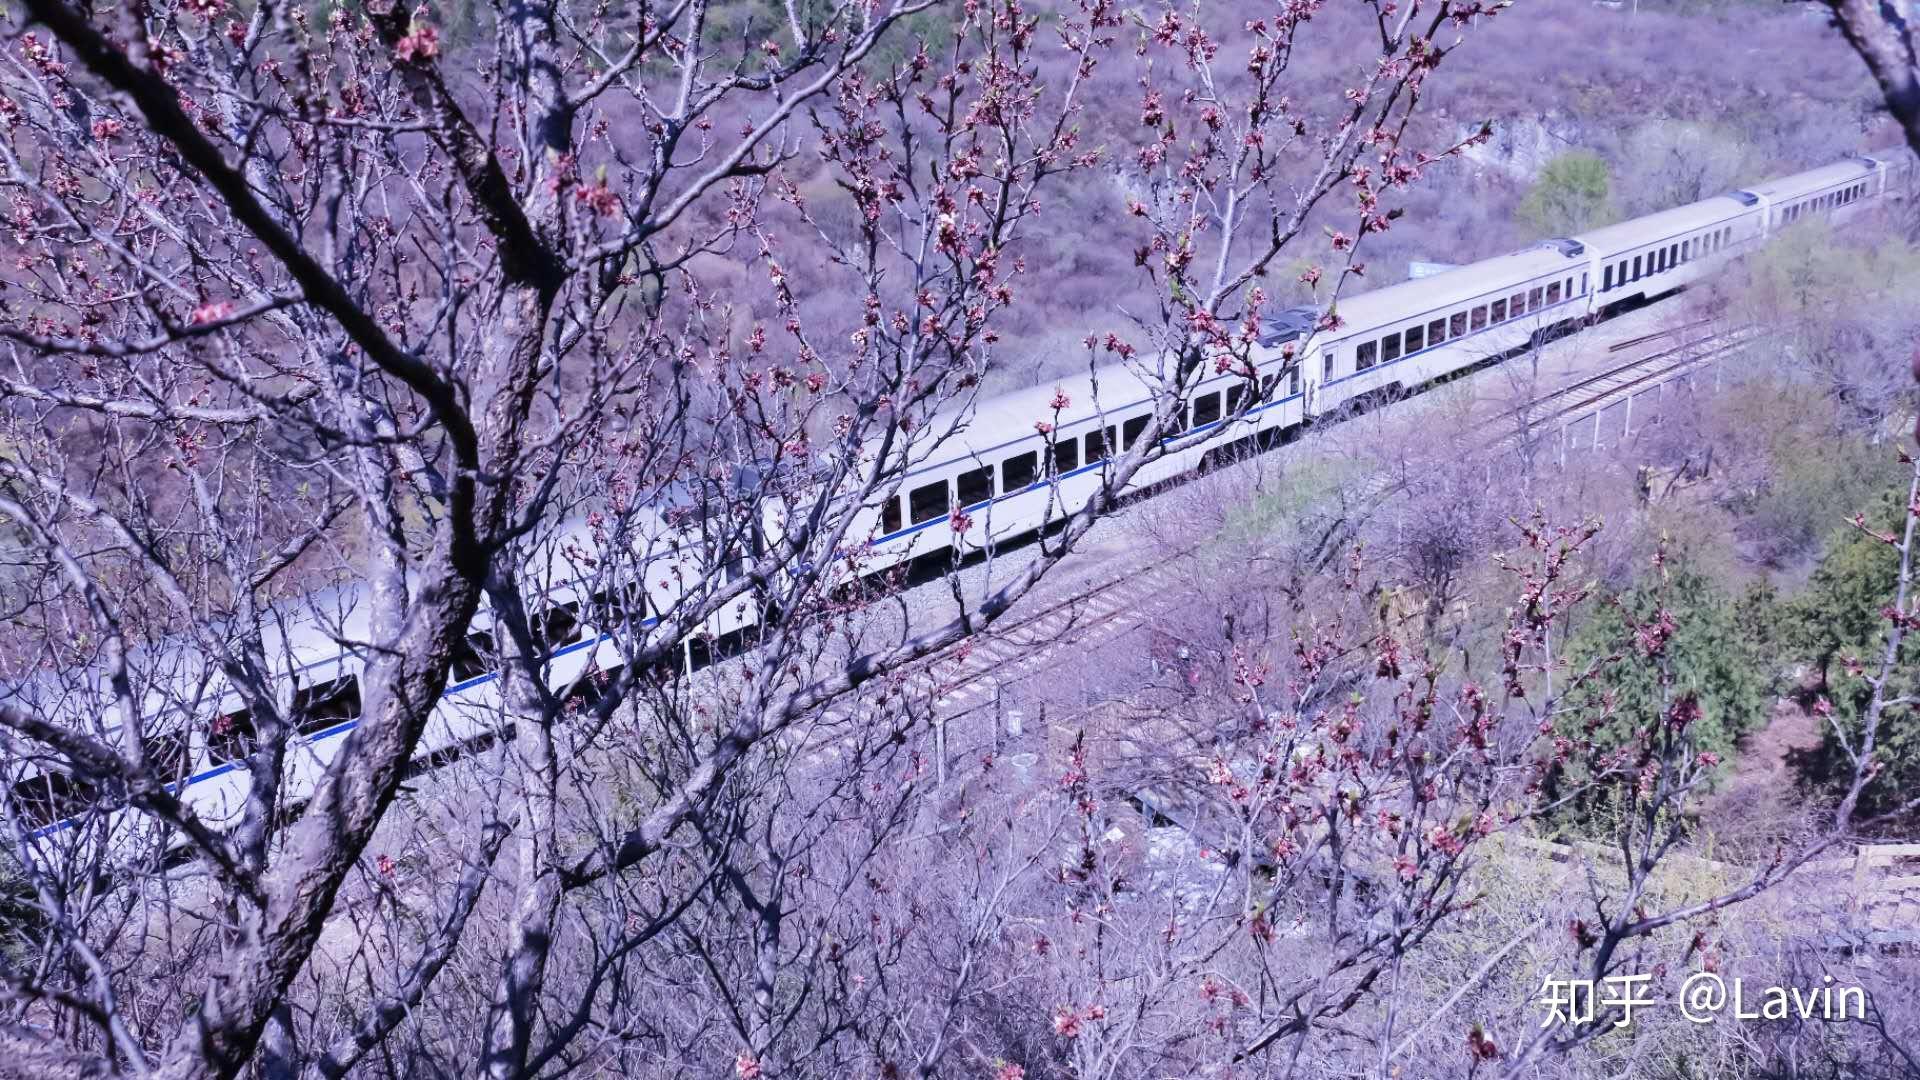 北京定陵_乘坐北京市郊铁路 S2 线是怎样的体验? - 知乎